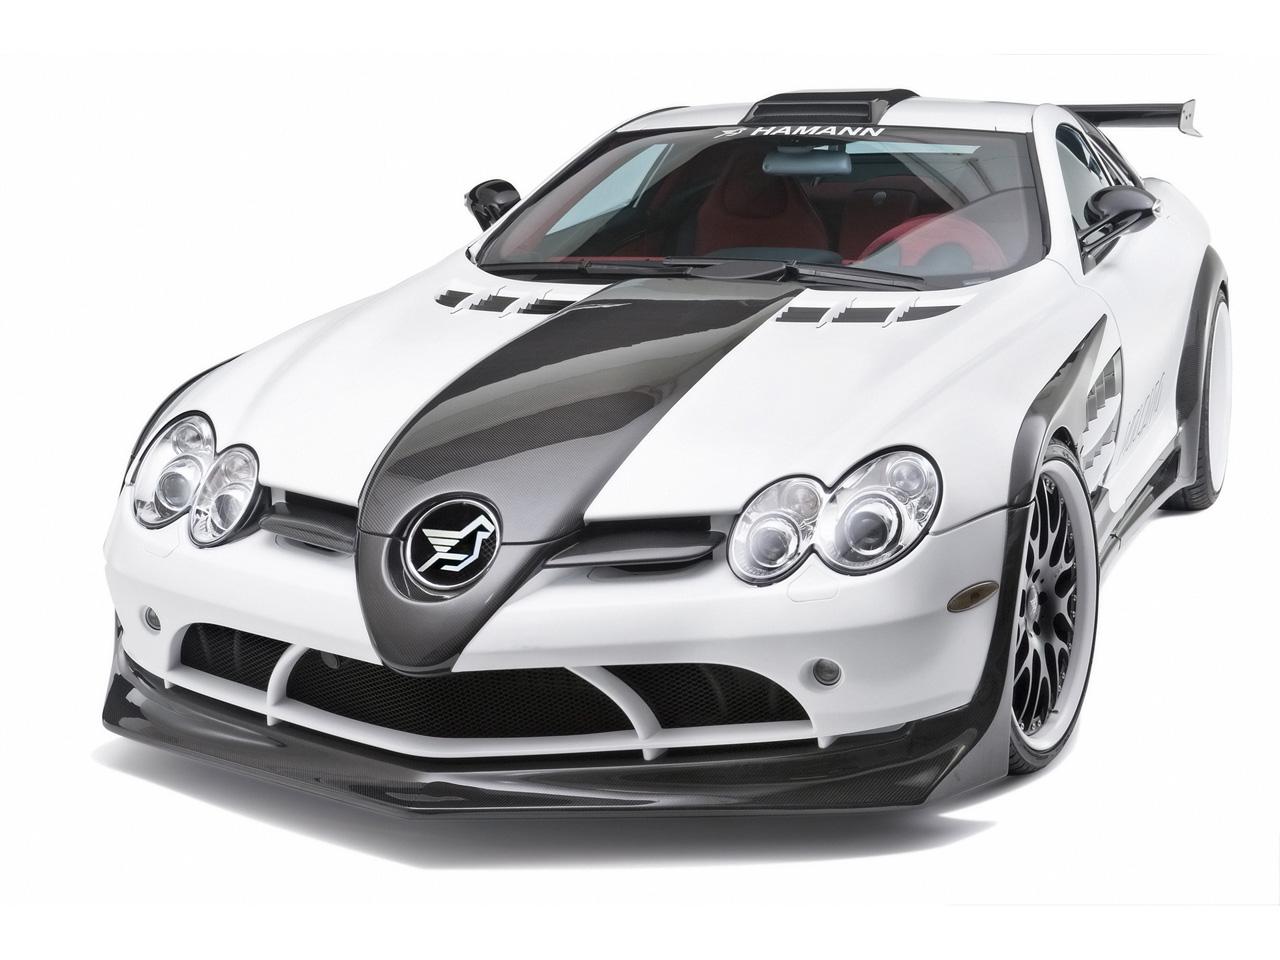 http://2.bp.blogspot.com/_DuVAMk2Fqnw/SwvPmDQ8CjI/AAAAAAAAARA/eCjl2NAFhhc/s1600/2009-Hamann-Volcano-Mercedes-Benz-SLR-Front-Angle-Top-1280x960.jpg